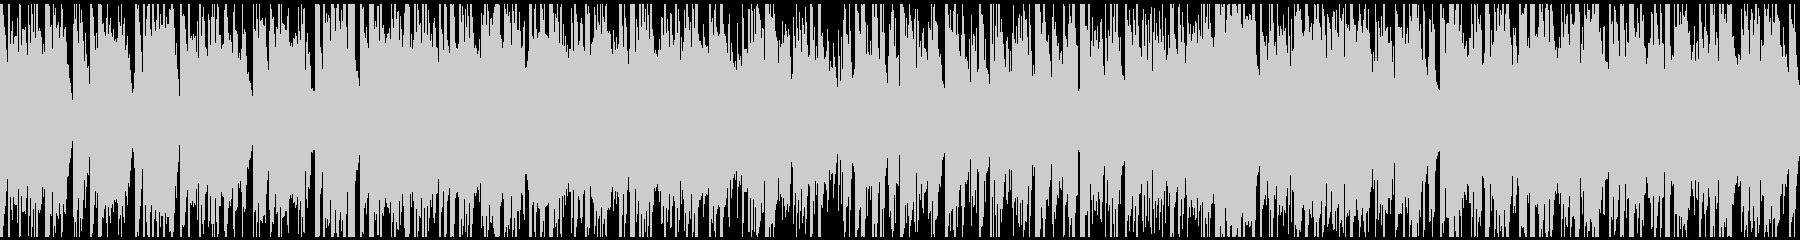 ヒップホップ系ジャズファンク ※ループ版の未再生の波形